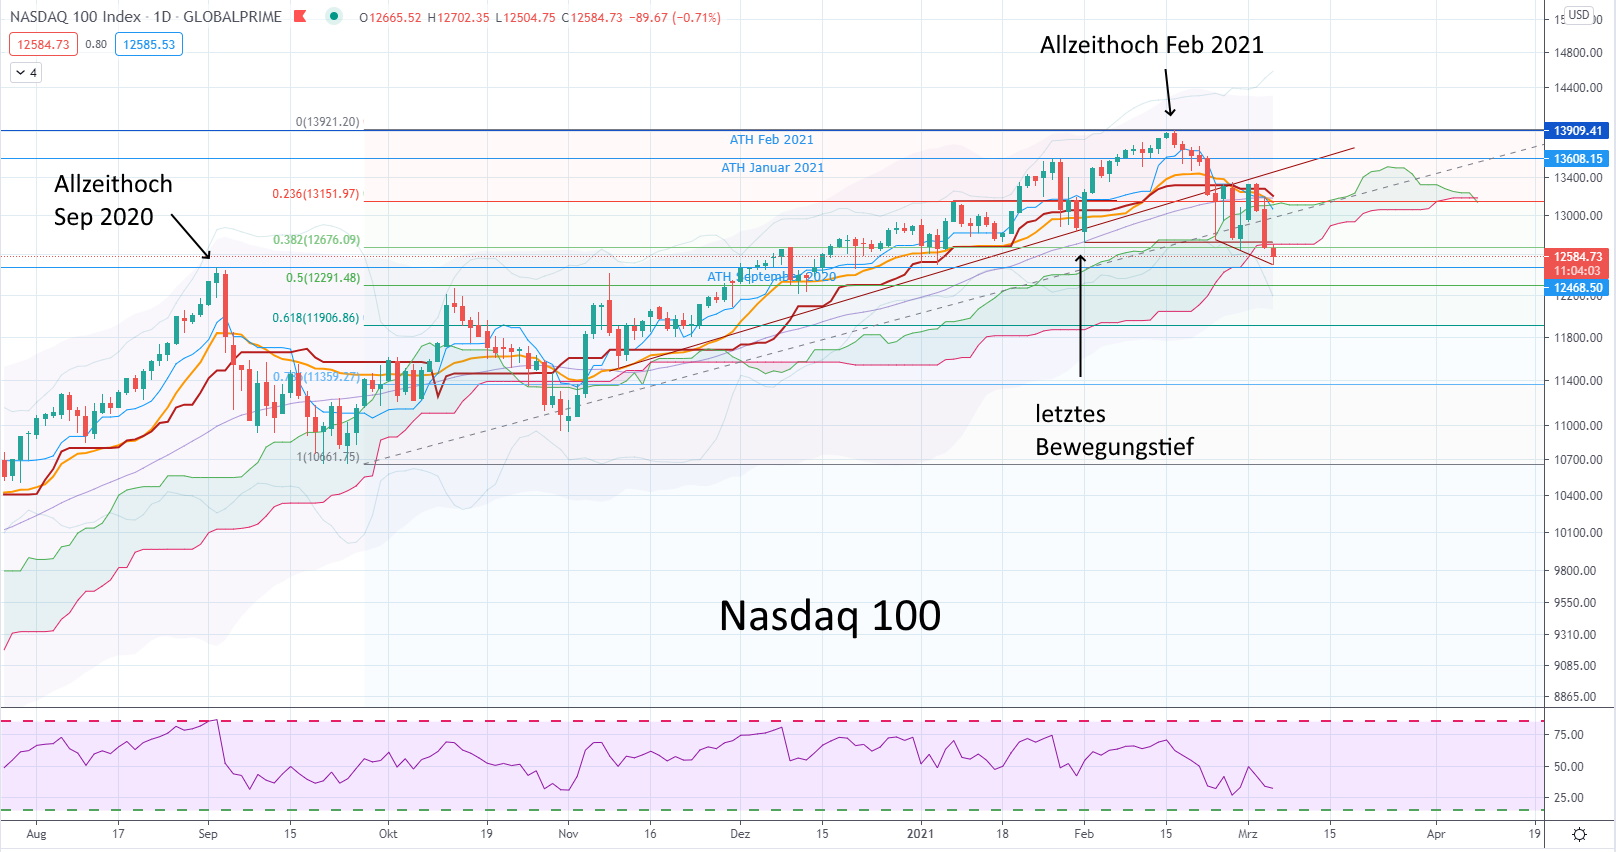 Der Nasdaq 100 befindet sich im Bärenmarkt - Chart Nasdaq 100